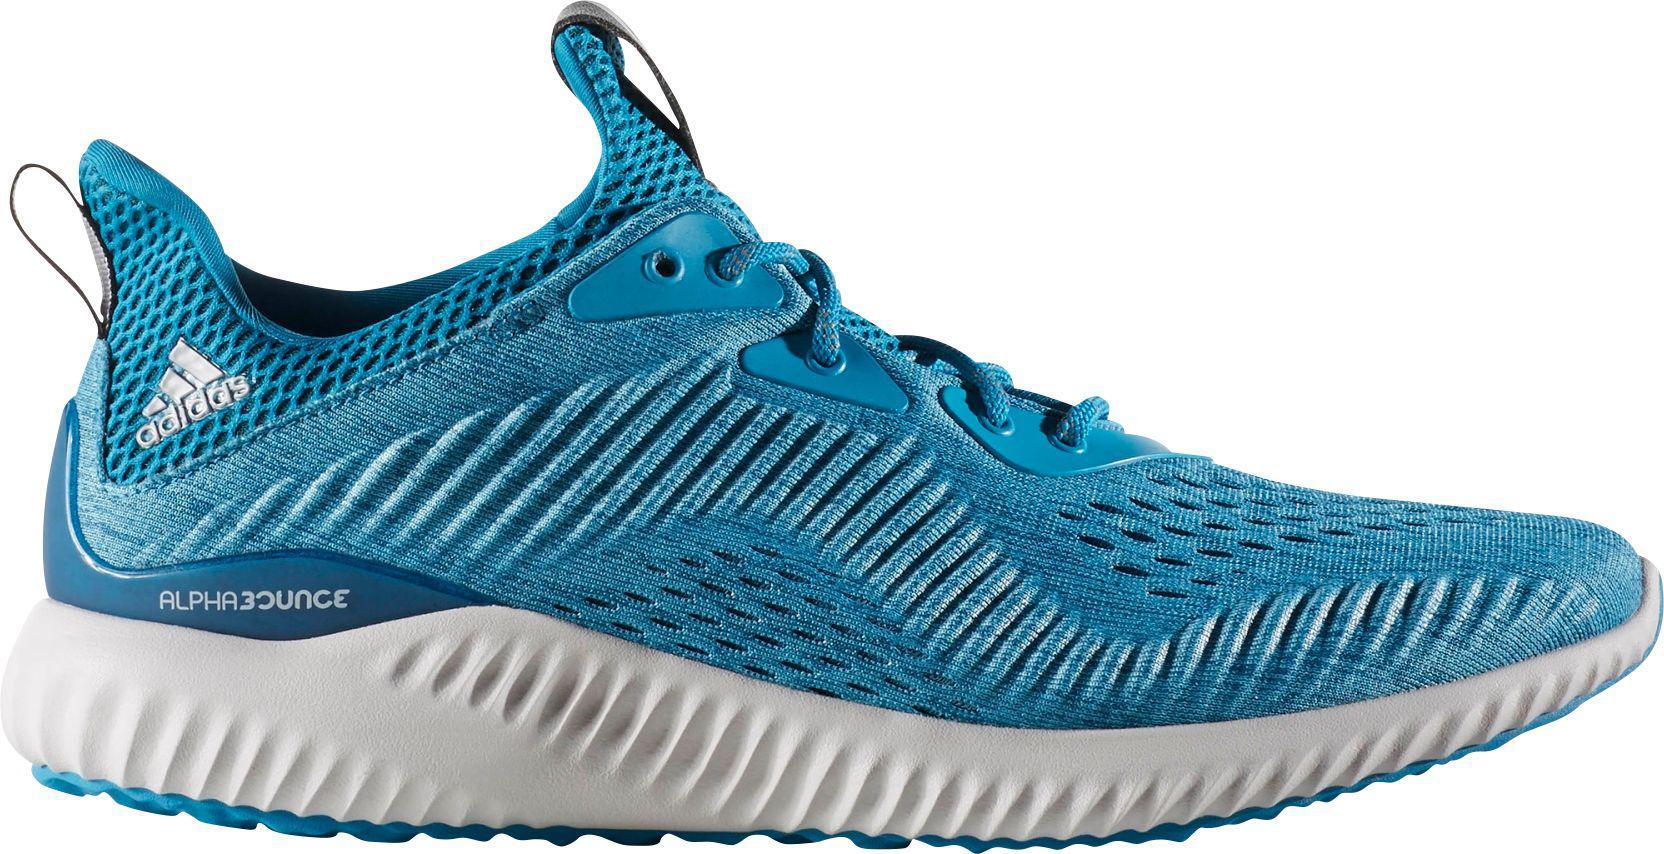 lyst adidas alpha salta loro scarpe da corsa in blu per gli uomini.